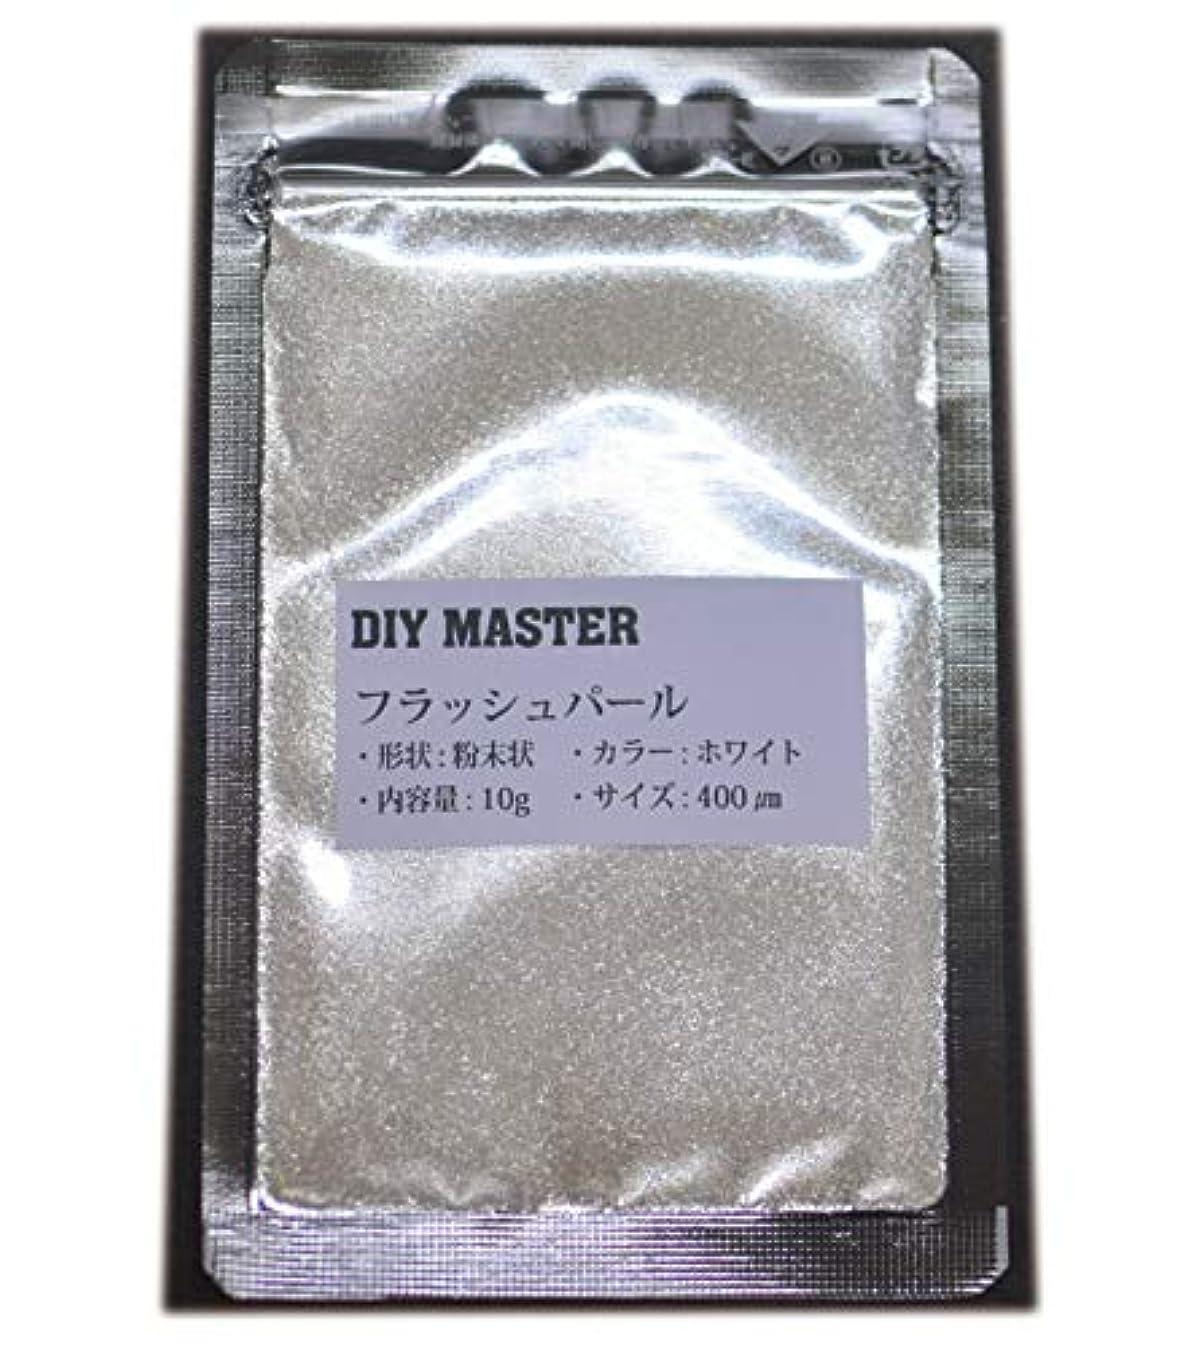 高潔な分布不適当DIY MASTER フラッシュパール ホワイト 10g (極粗目、ドライ)